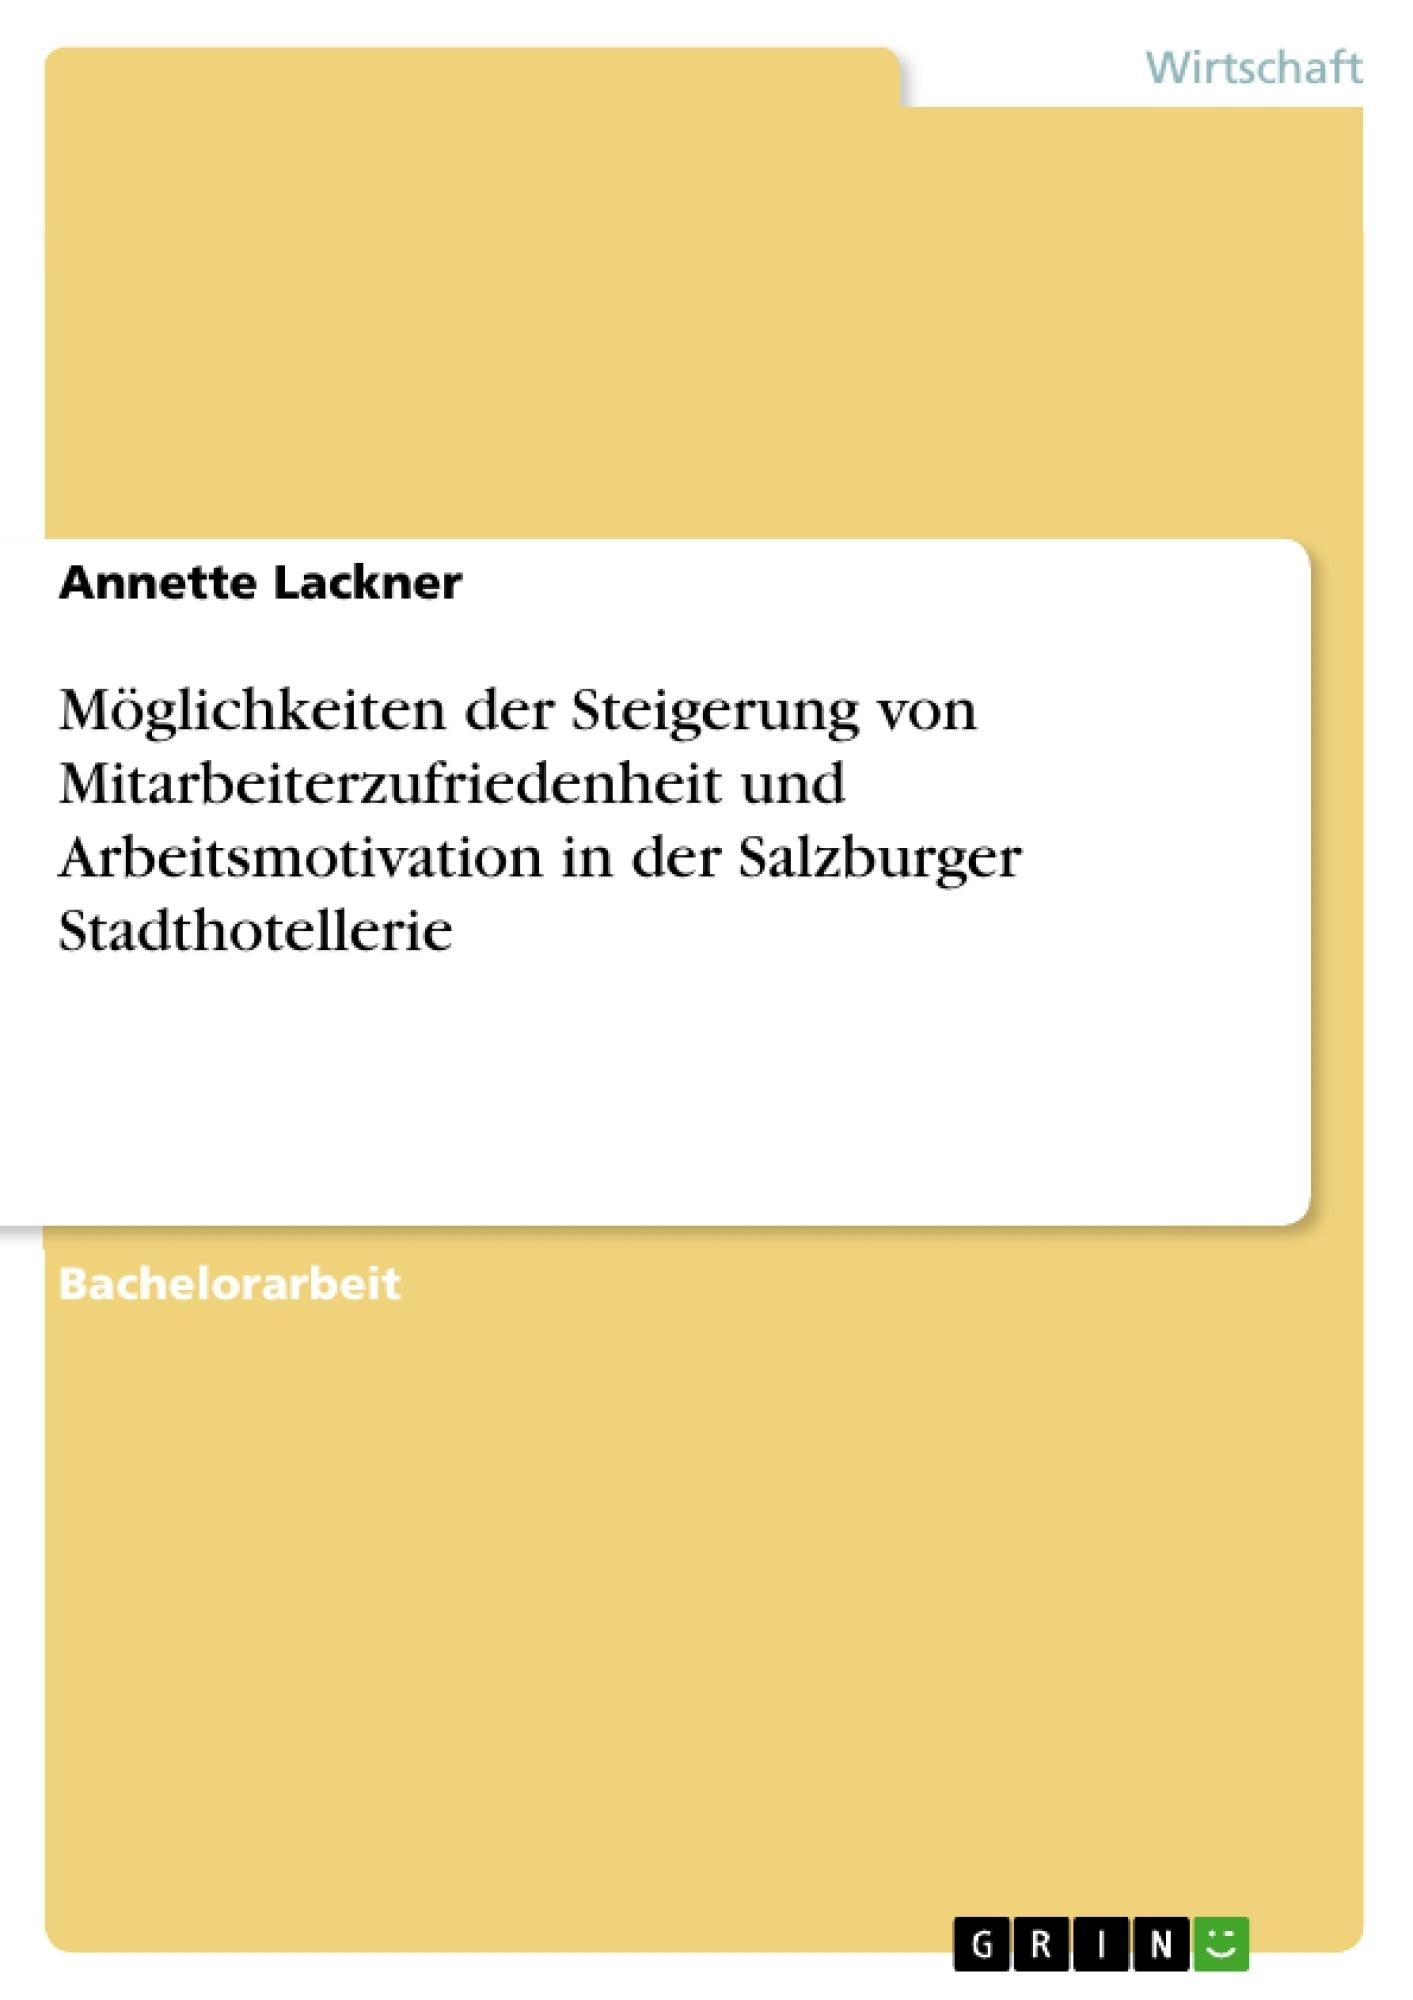 Titel: Möglichkeiten der Steigerung von Mitarbeiterzufriedenheit und Arbeitsmotivation in der Salzburger Stadthotellerie